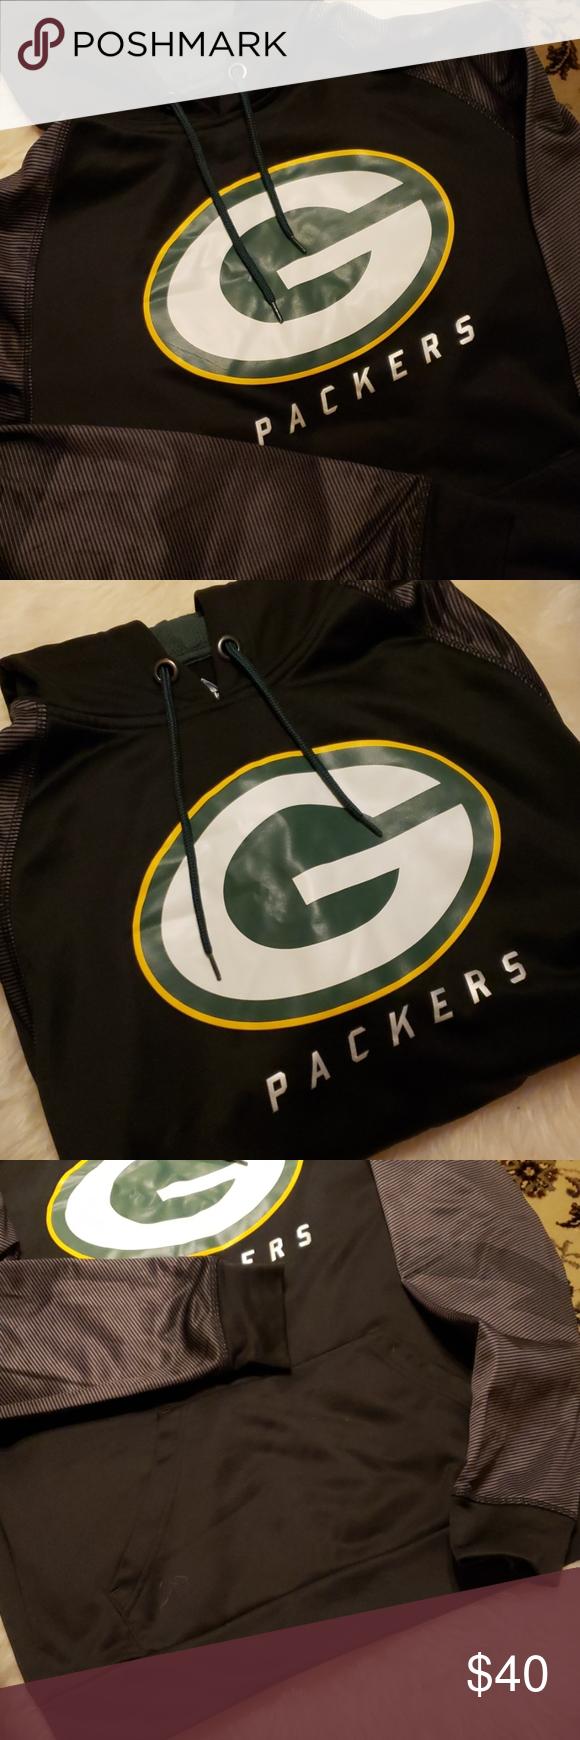 Men S Green Bay Packers Sweatshirt Green Bay Packers Sweatshirt Mens Green Packers Sweatshirt [ 1740 x 580 Pixel ]